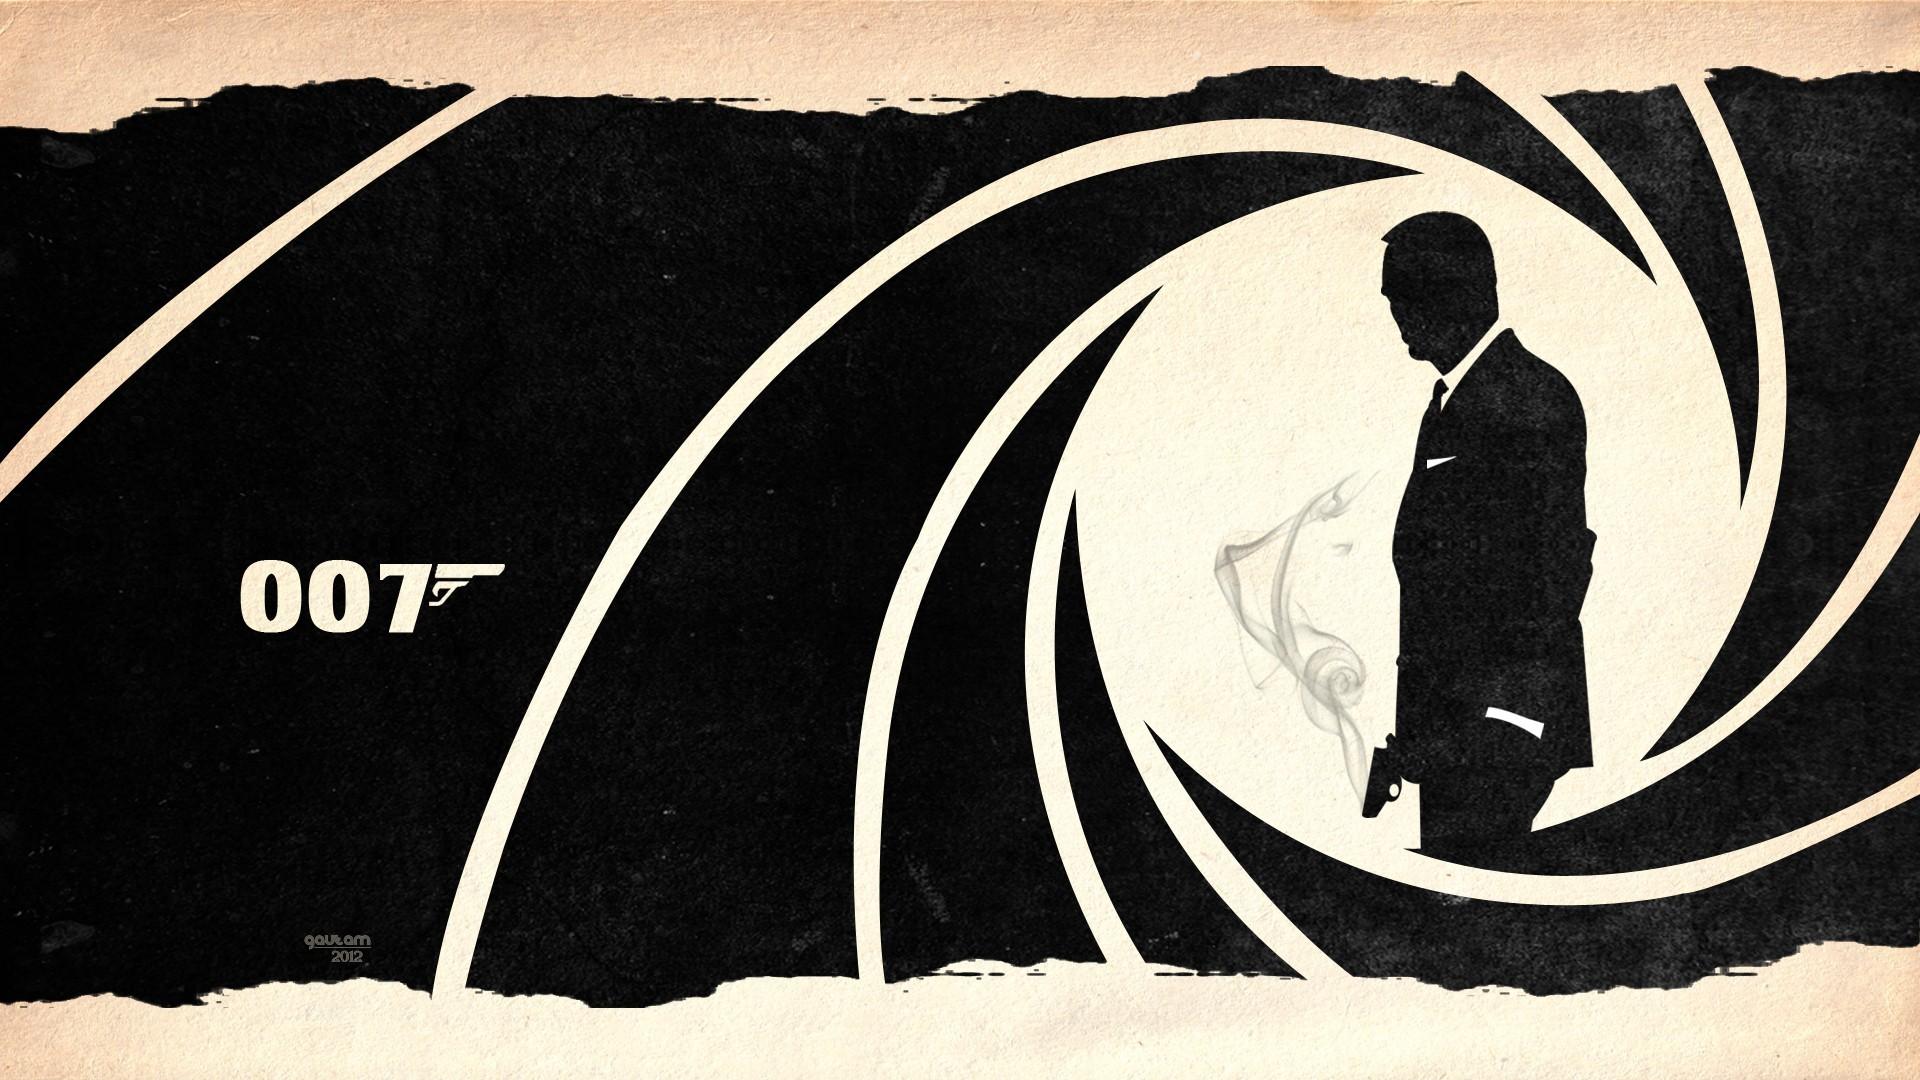 ジェームズボンドシルエット ジェームズ ボンド007壁紙 19x1080 Wallpapertip